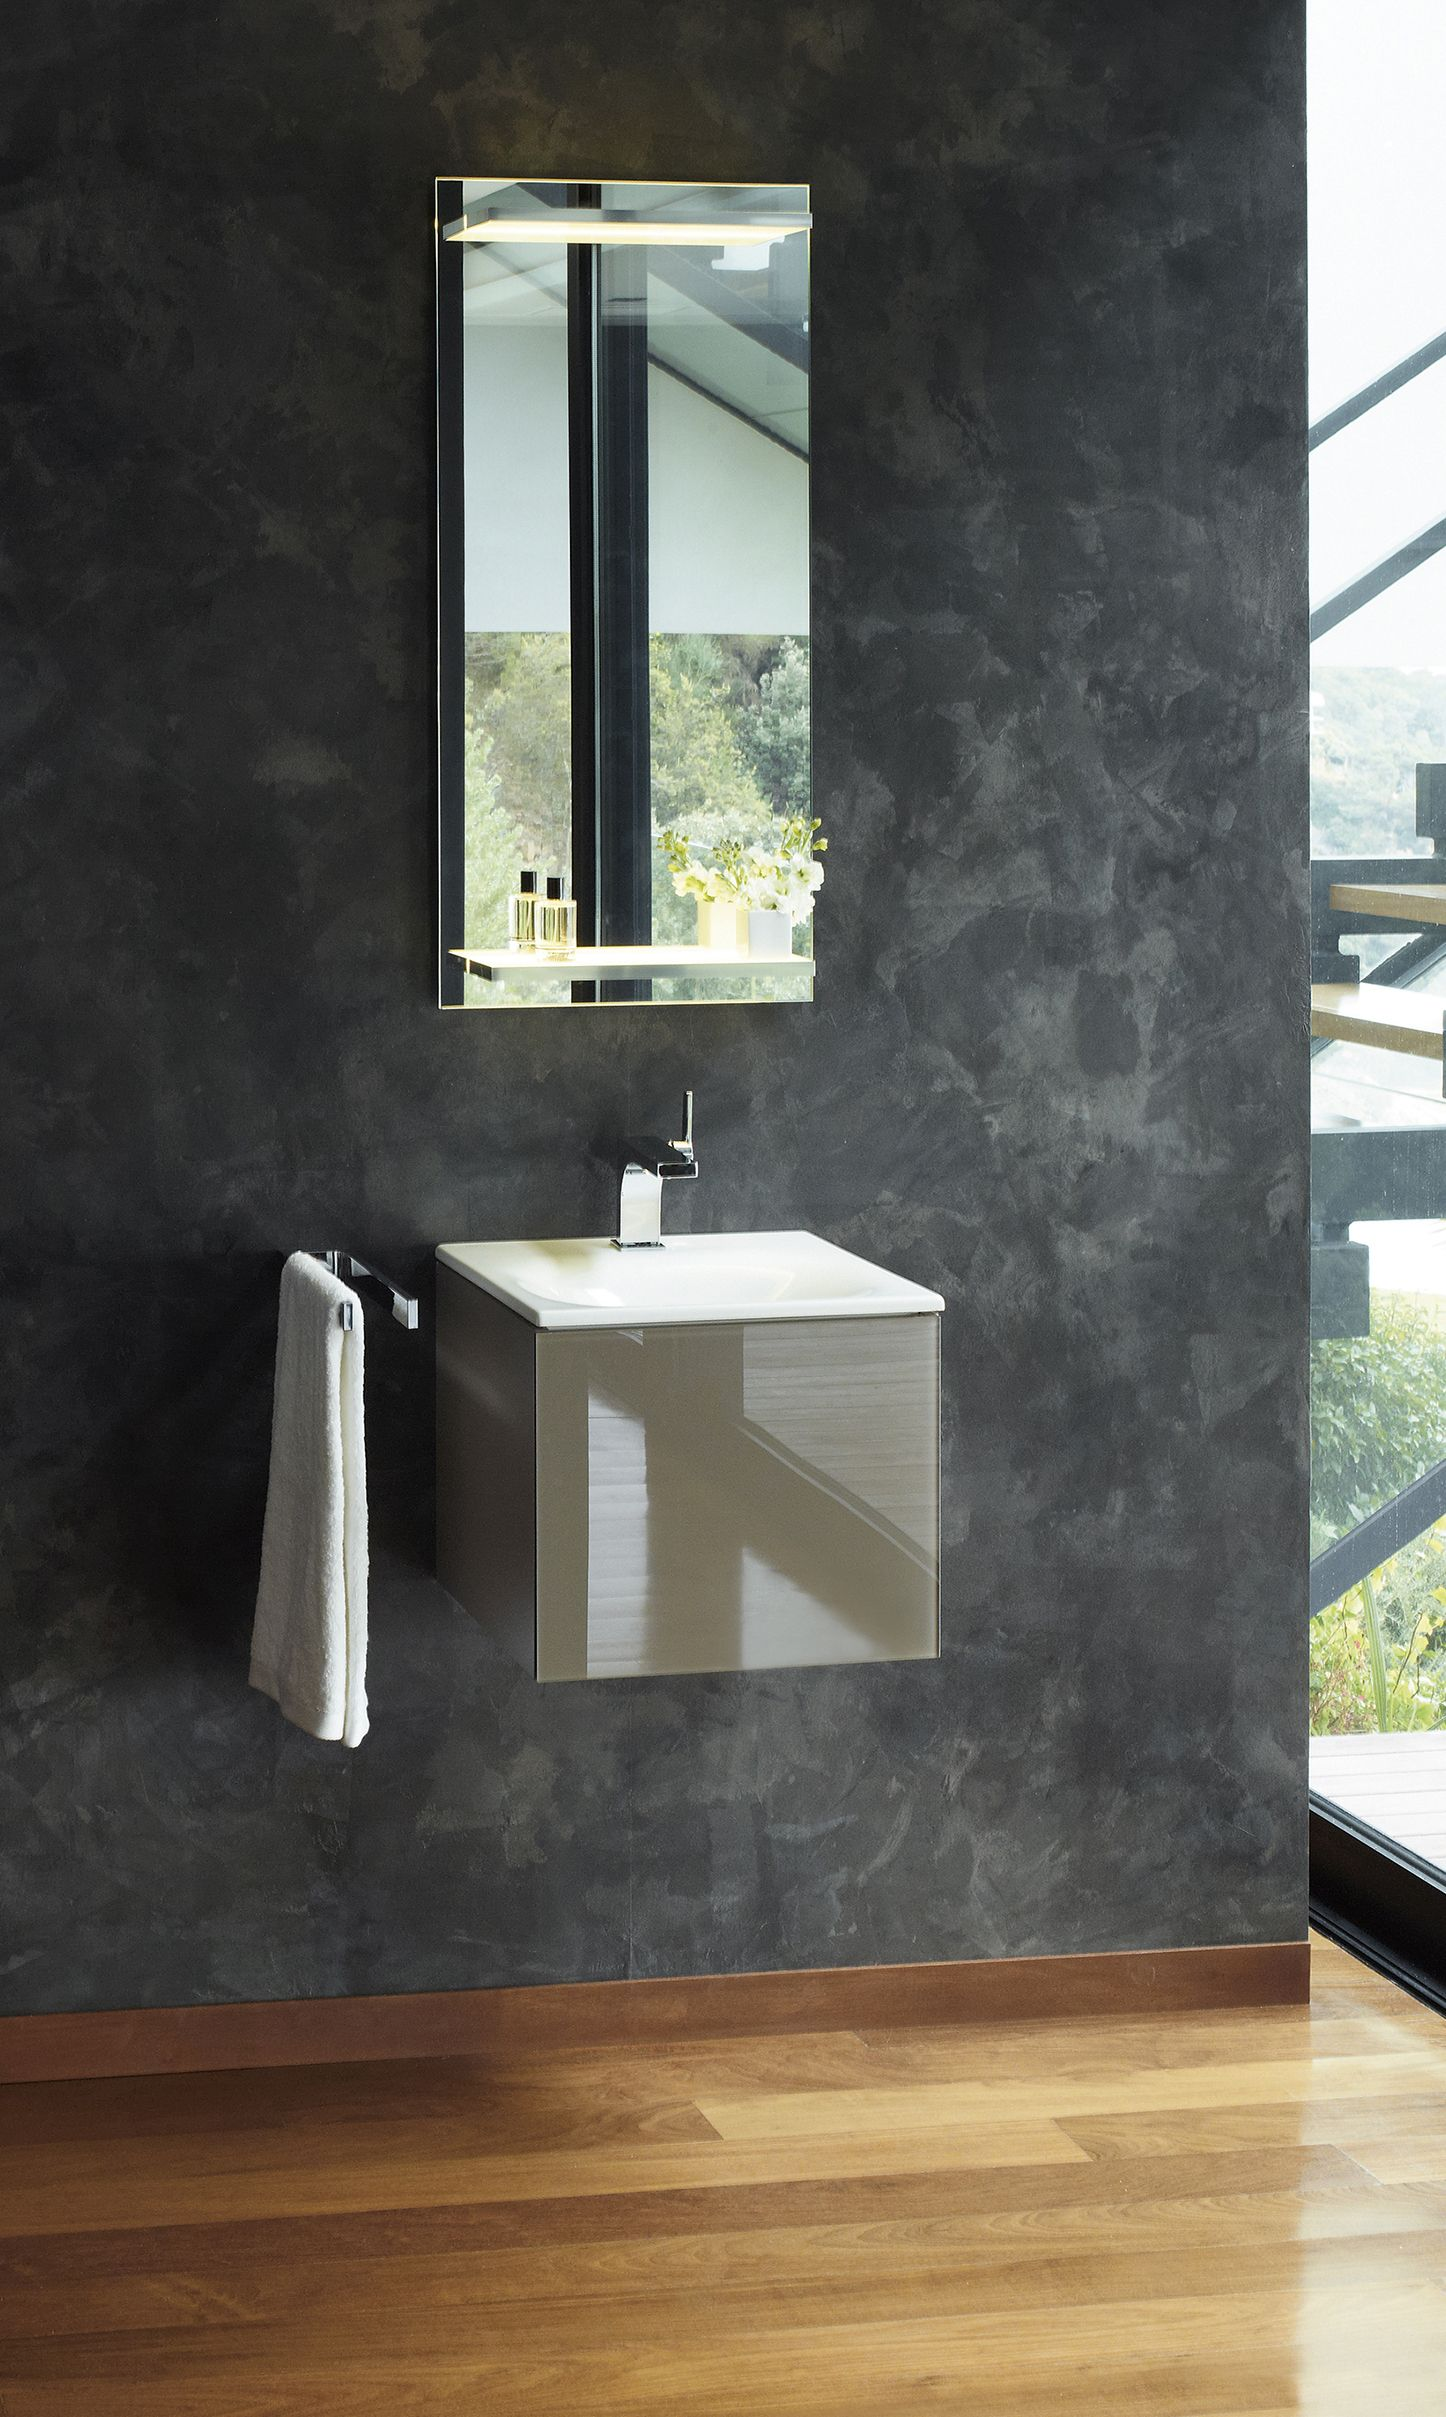 Keuco Edition 11 Bathroomfurniture Architecture Design Mini Waschbecken Gastebad Ideen Badezimmerspiegel